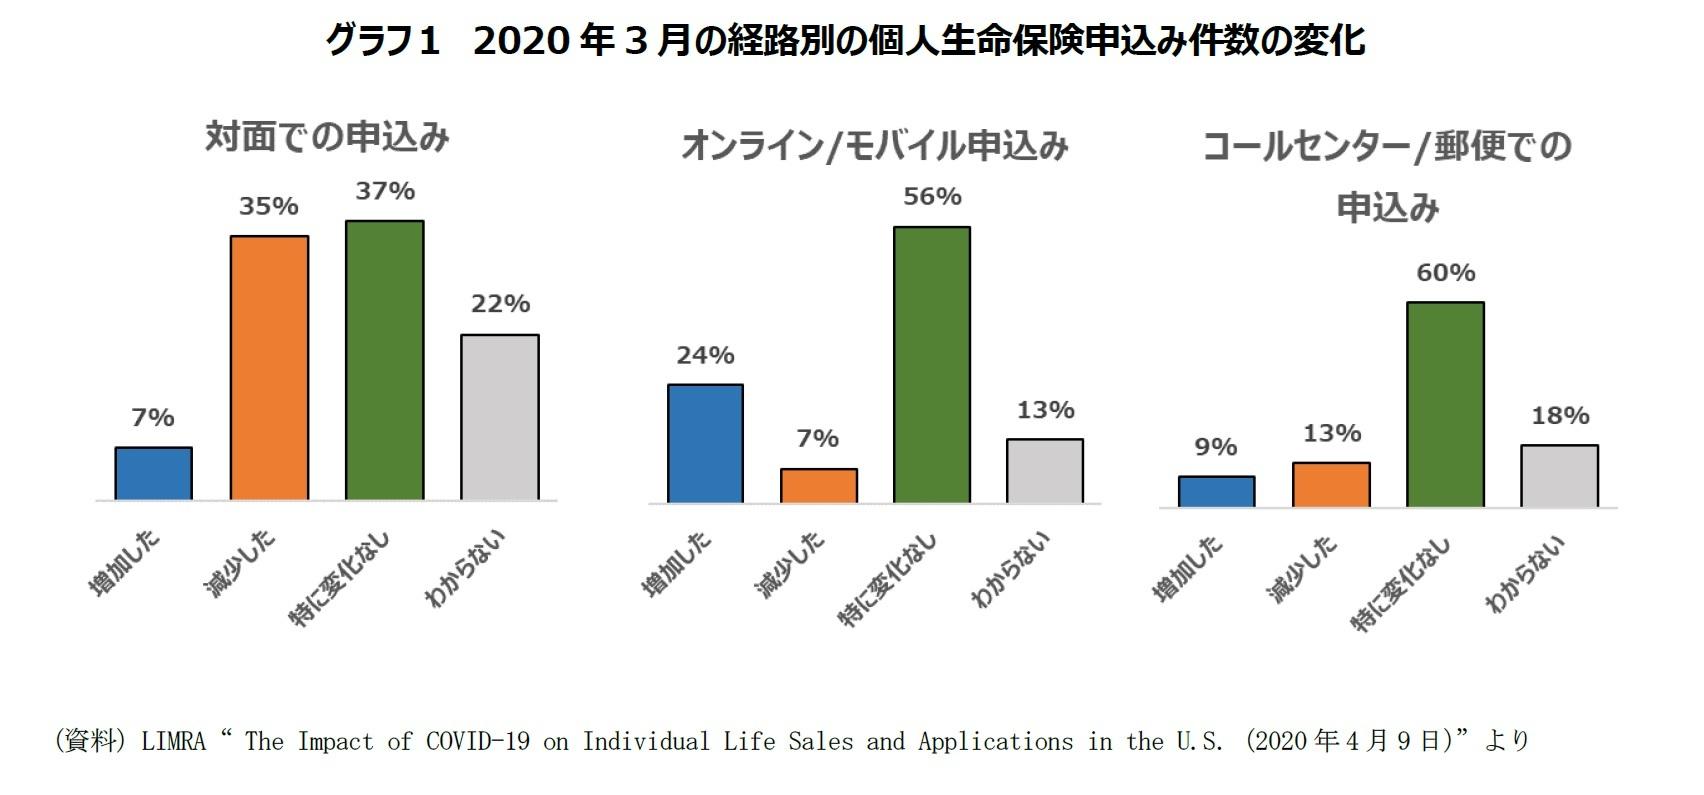 グラフ1 2020年3月の経路別の個人生命保険申込み件数の変化